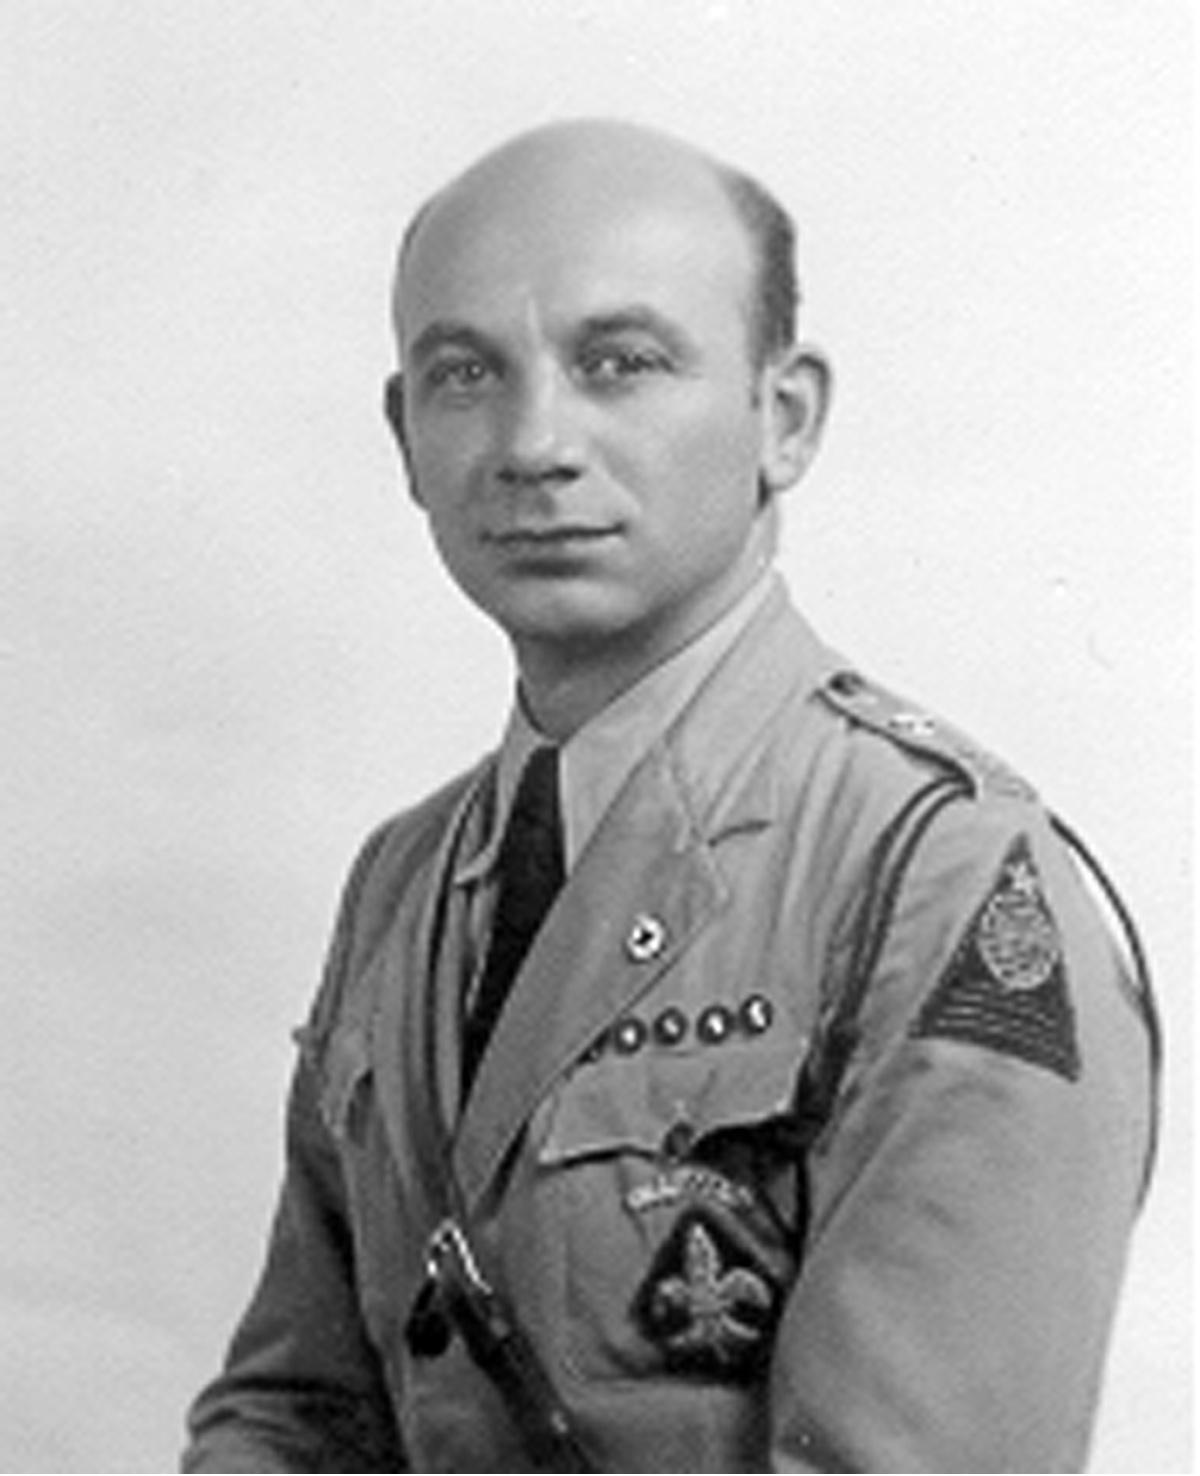 Leo Karczag cserkész egyenruhában (Costa Rica, 1936)